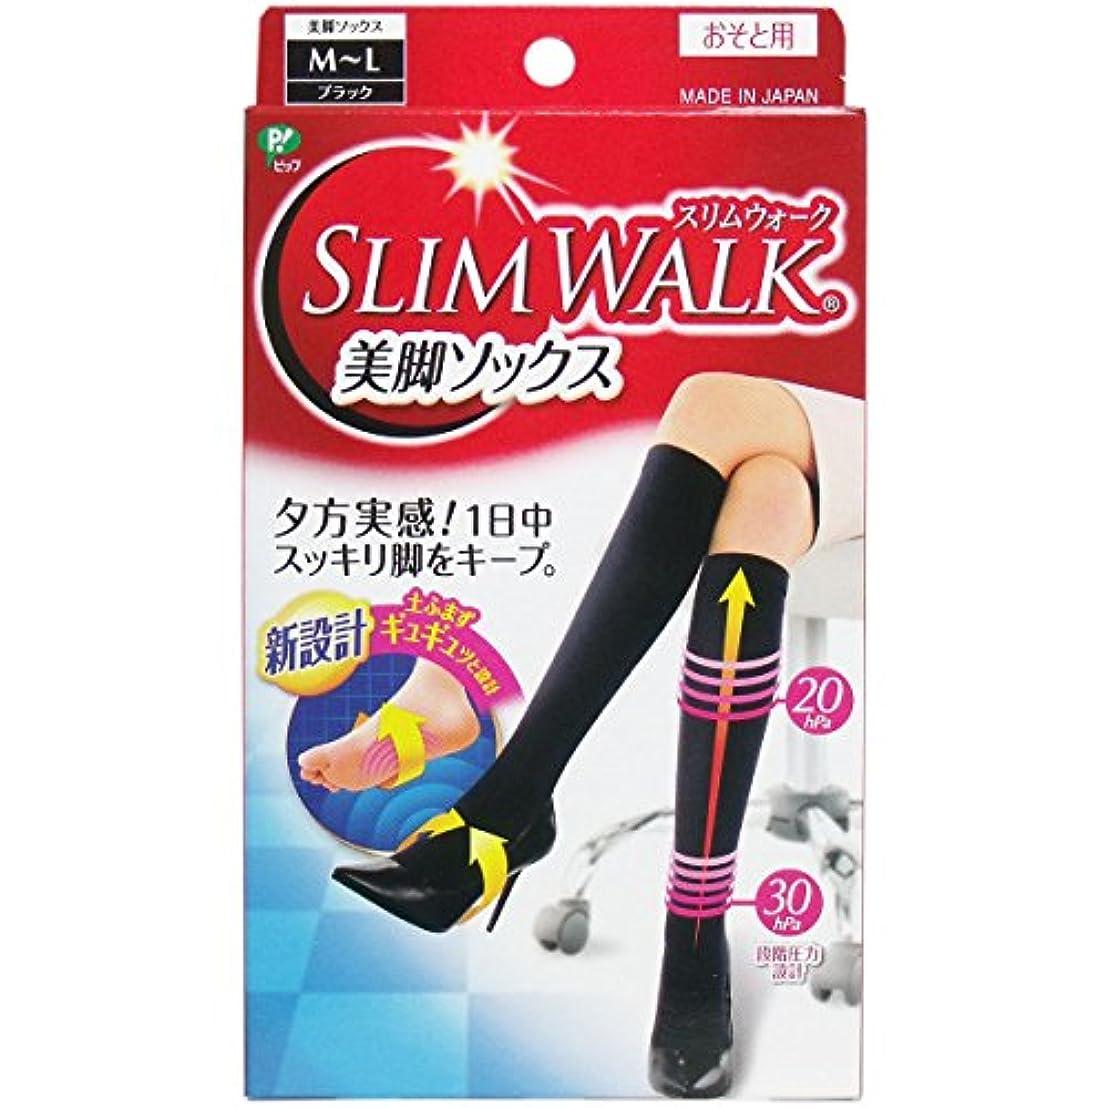 新しさ三十抗生物質【セット品】スリムウォーク 美脚ソックス M-Lサイズ ブラック(SLIM WALK,socks,ML) ×2個